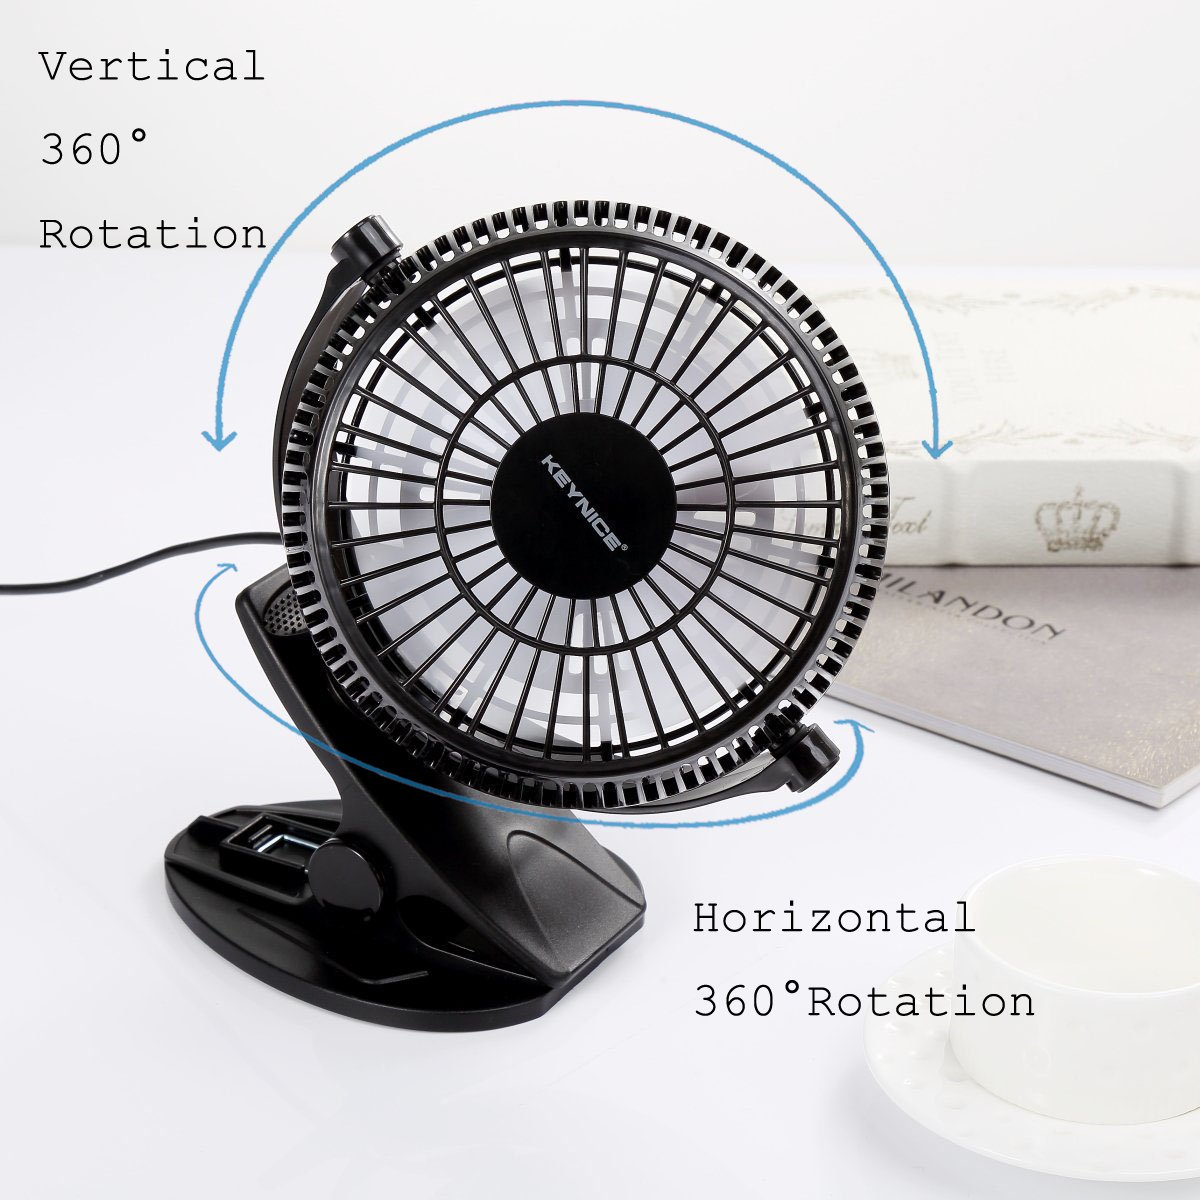 KEYNICE USB Clip Desk Personal Fan, Table Fans,Clip on Fan,2 in 1 Applications, Strong Wind, 2 in 1 Applications, Strong Wind, 4 inch 2 Speed Portable Cooling Fan USB Powered by Netbook, PC by KEYNICE (Image #3)